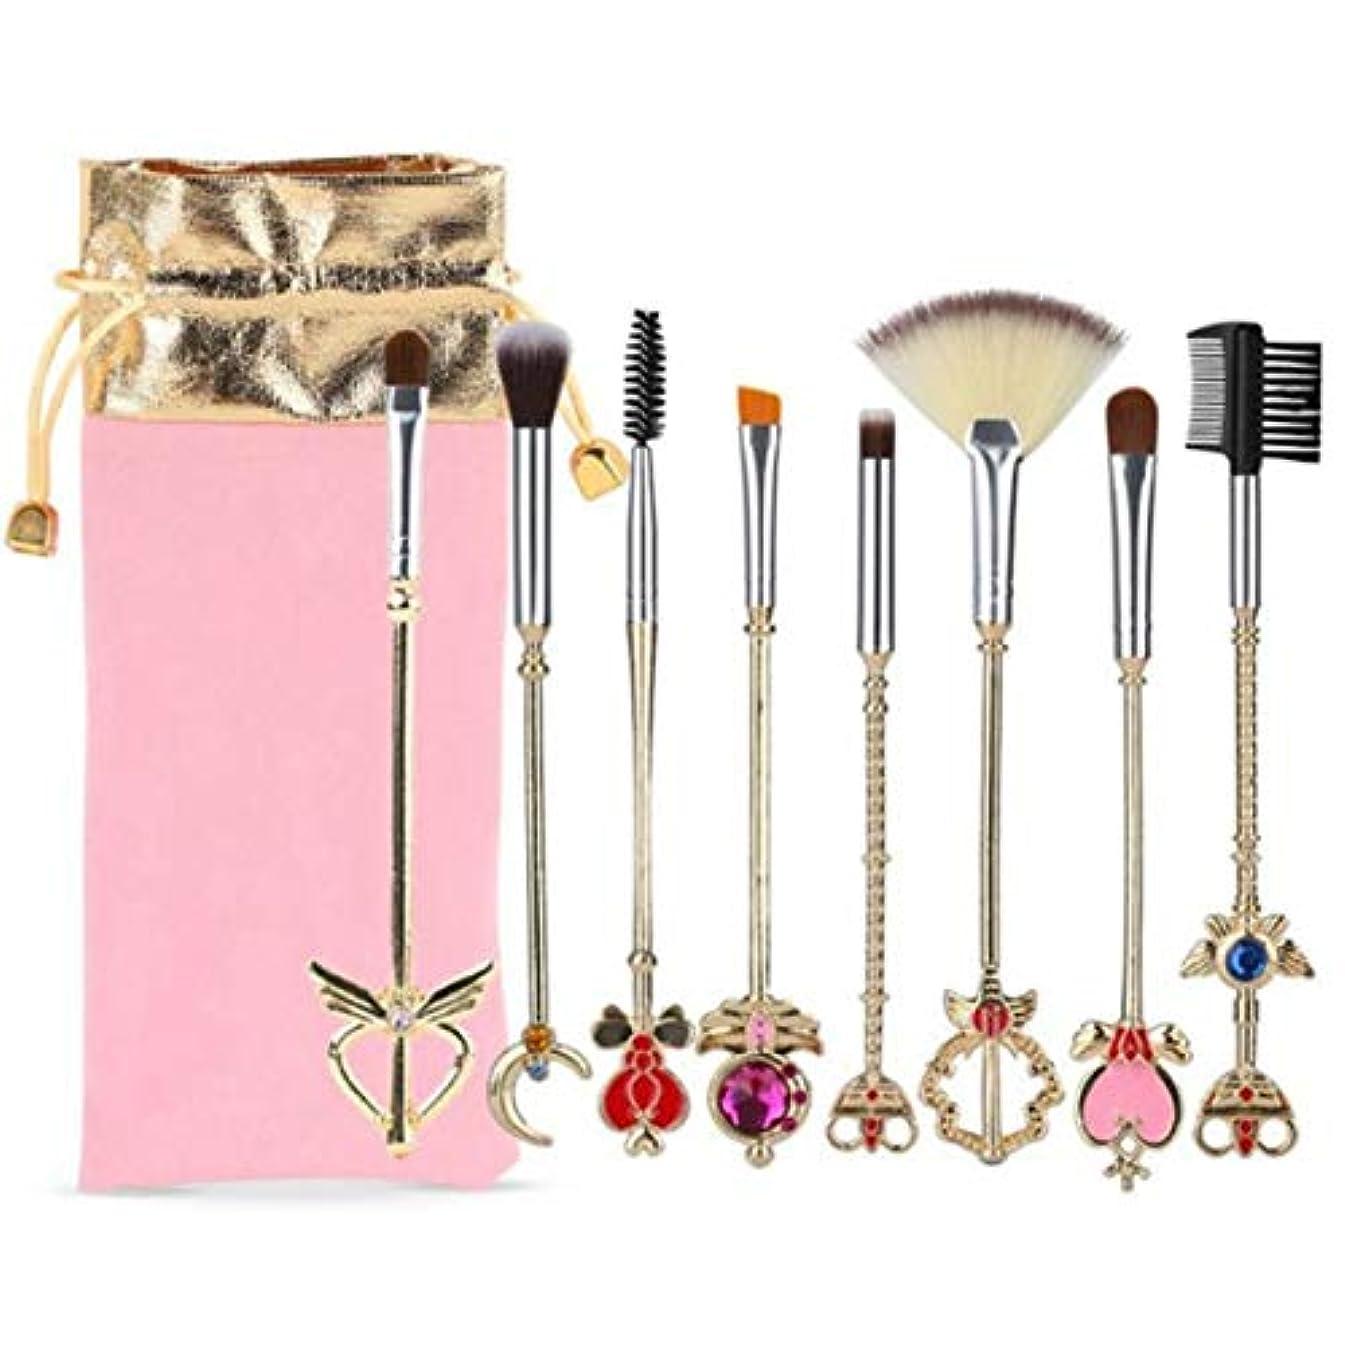 基本的な国際バイナリYoshilimen 元8 PCセーラームーンメイクアップブラシポーチ、魔法の女の子ゴールドカードターサクラ化粧品ブラシとドローストリングバッグとセット